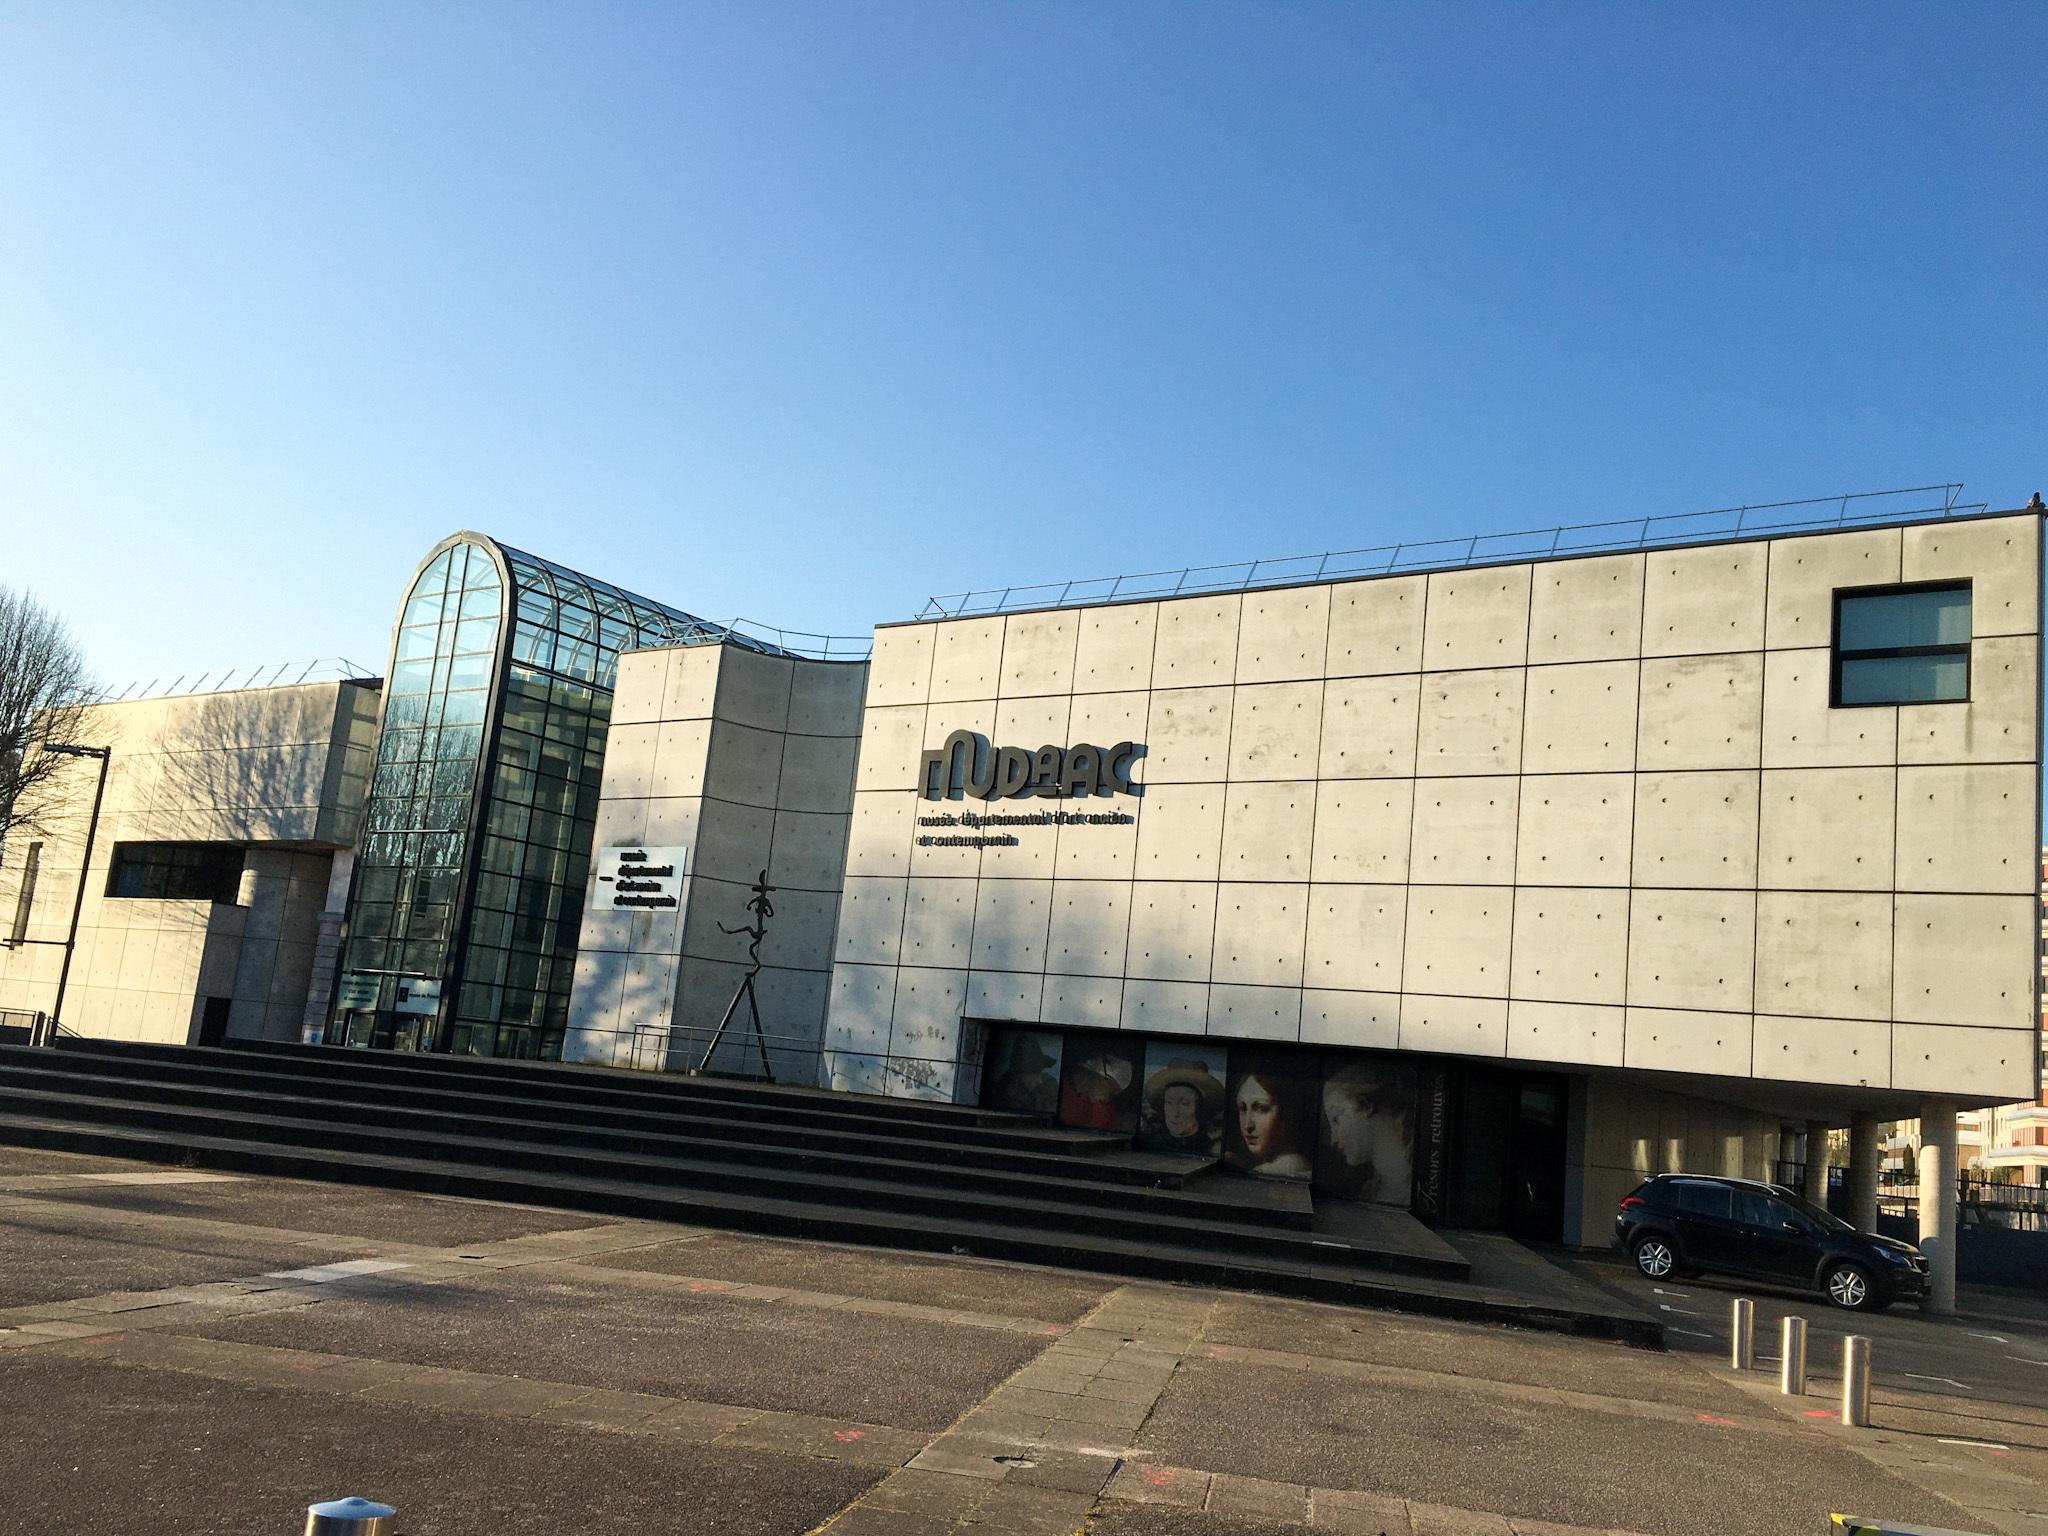 Musée départemental d'art ancien et contemporain - MUDAAC